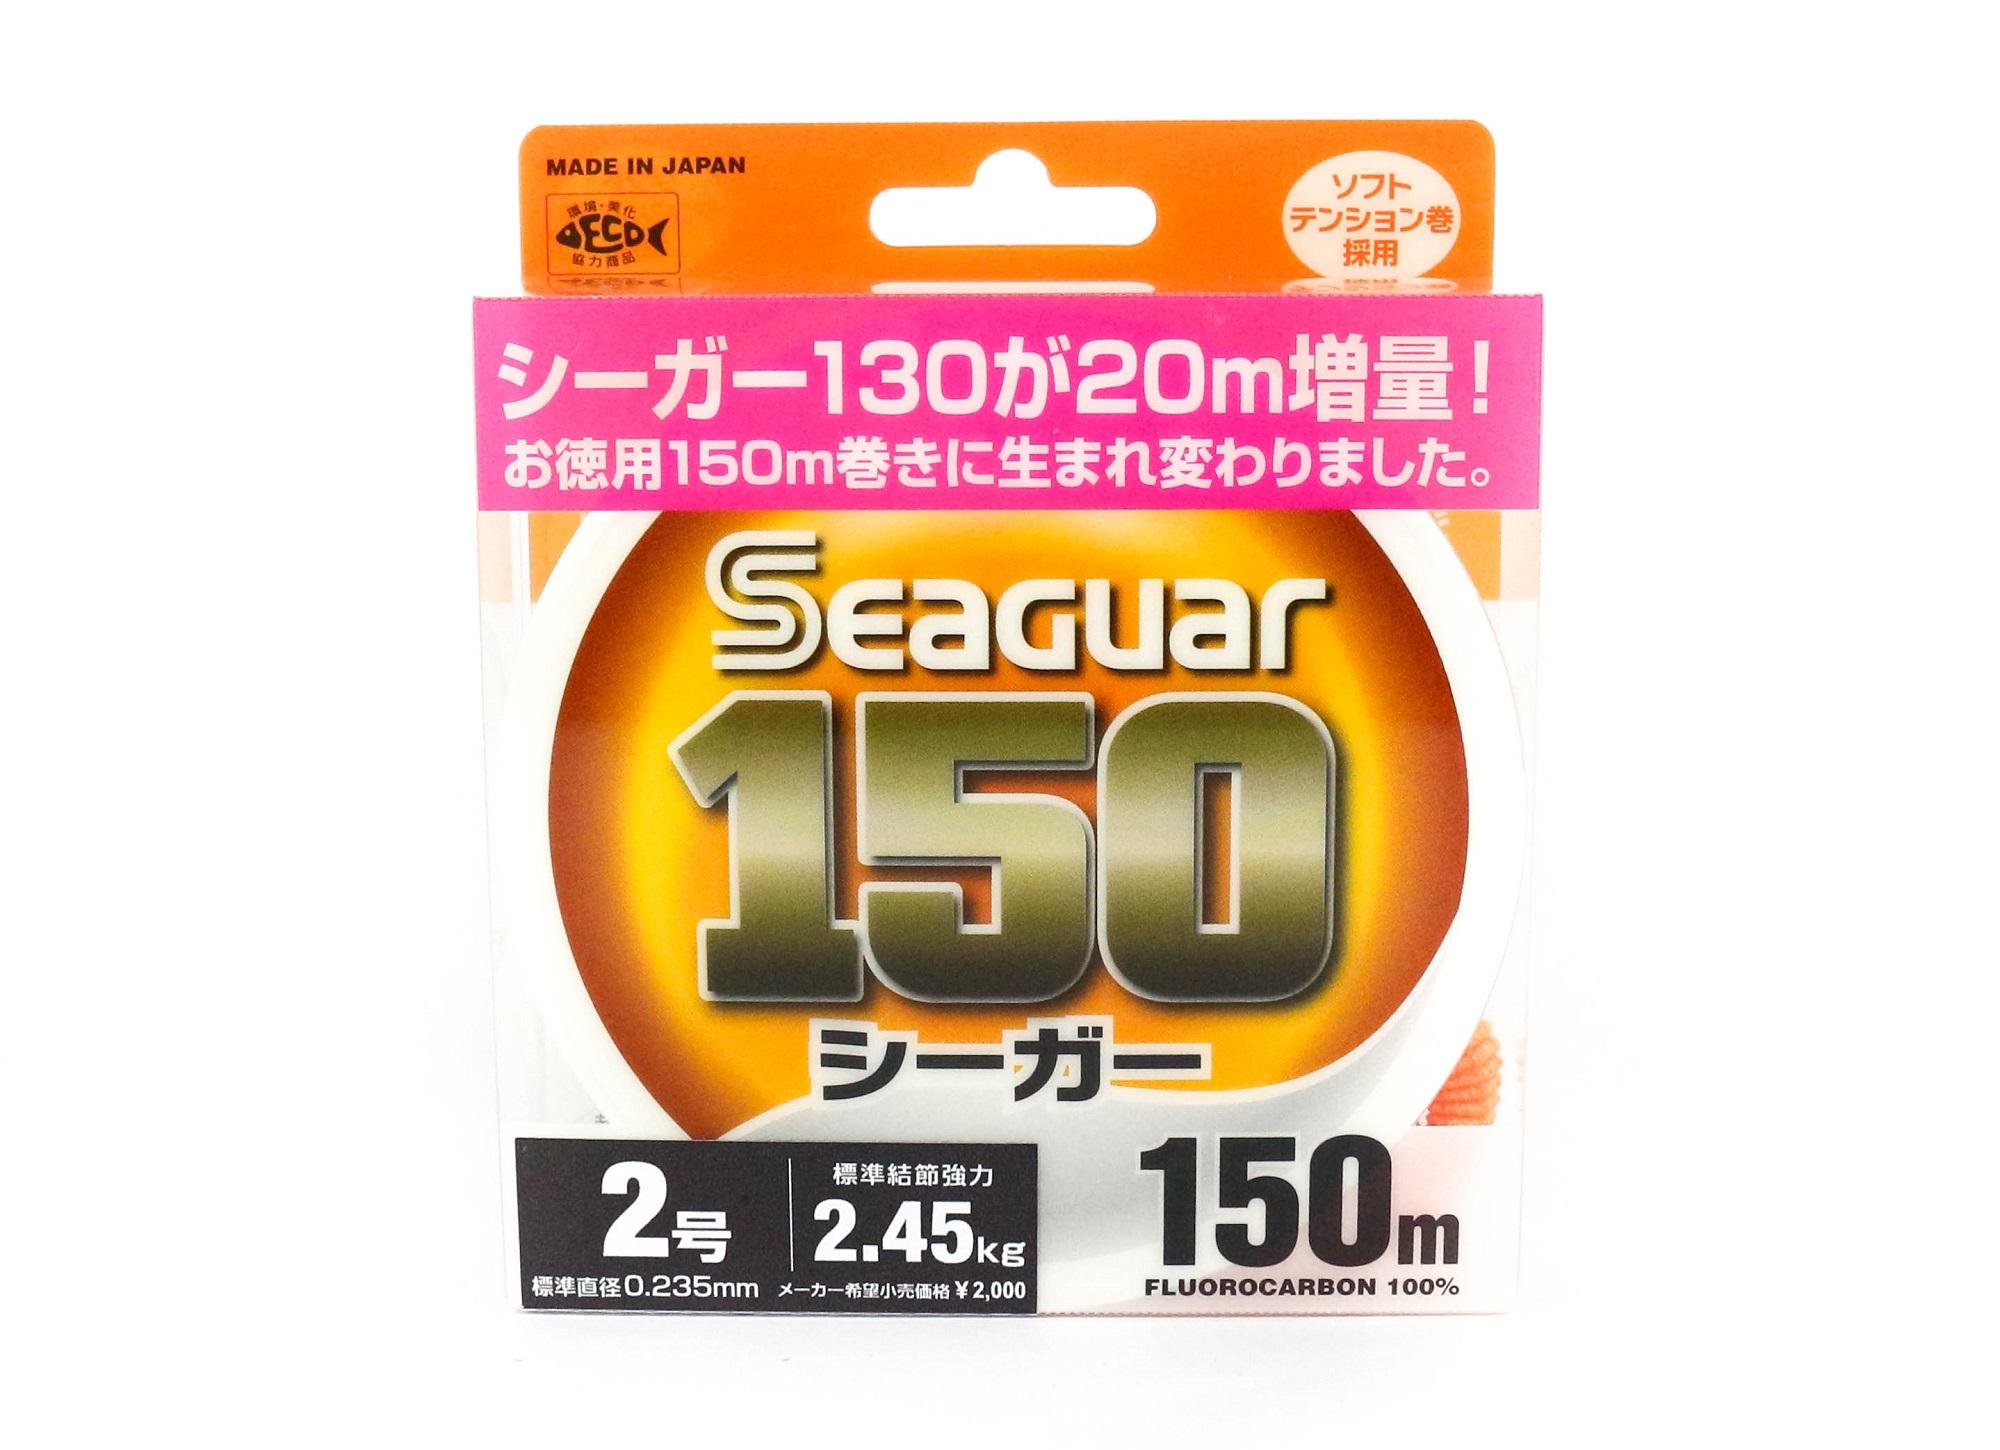 Seaguar 150 150m Fluorocarbon Line 150m Size 2 8lb (0799)